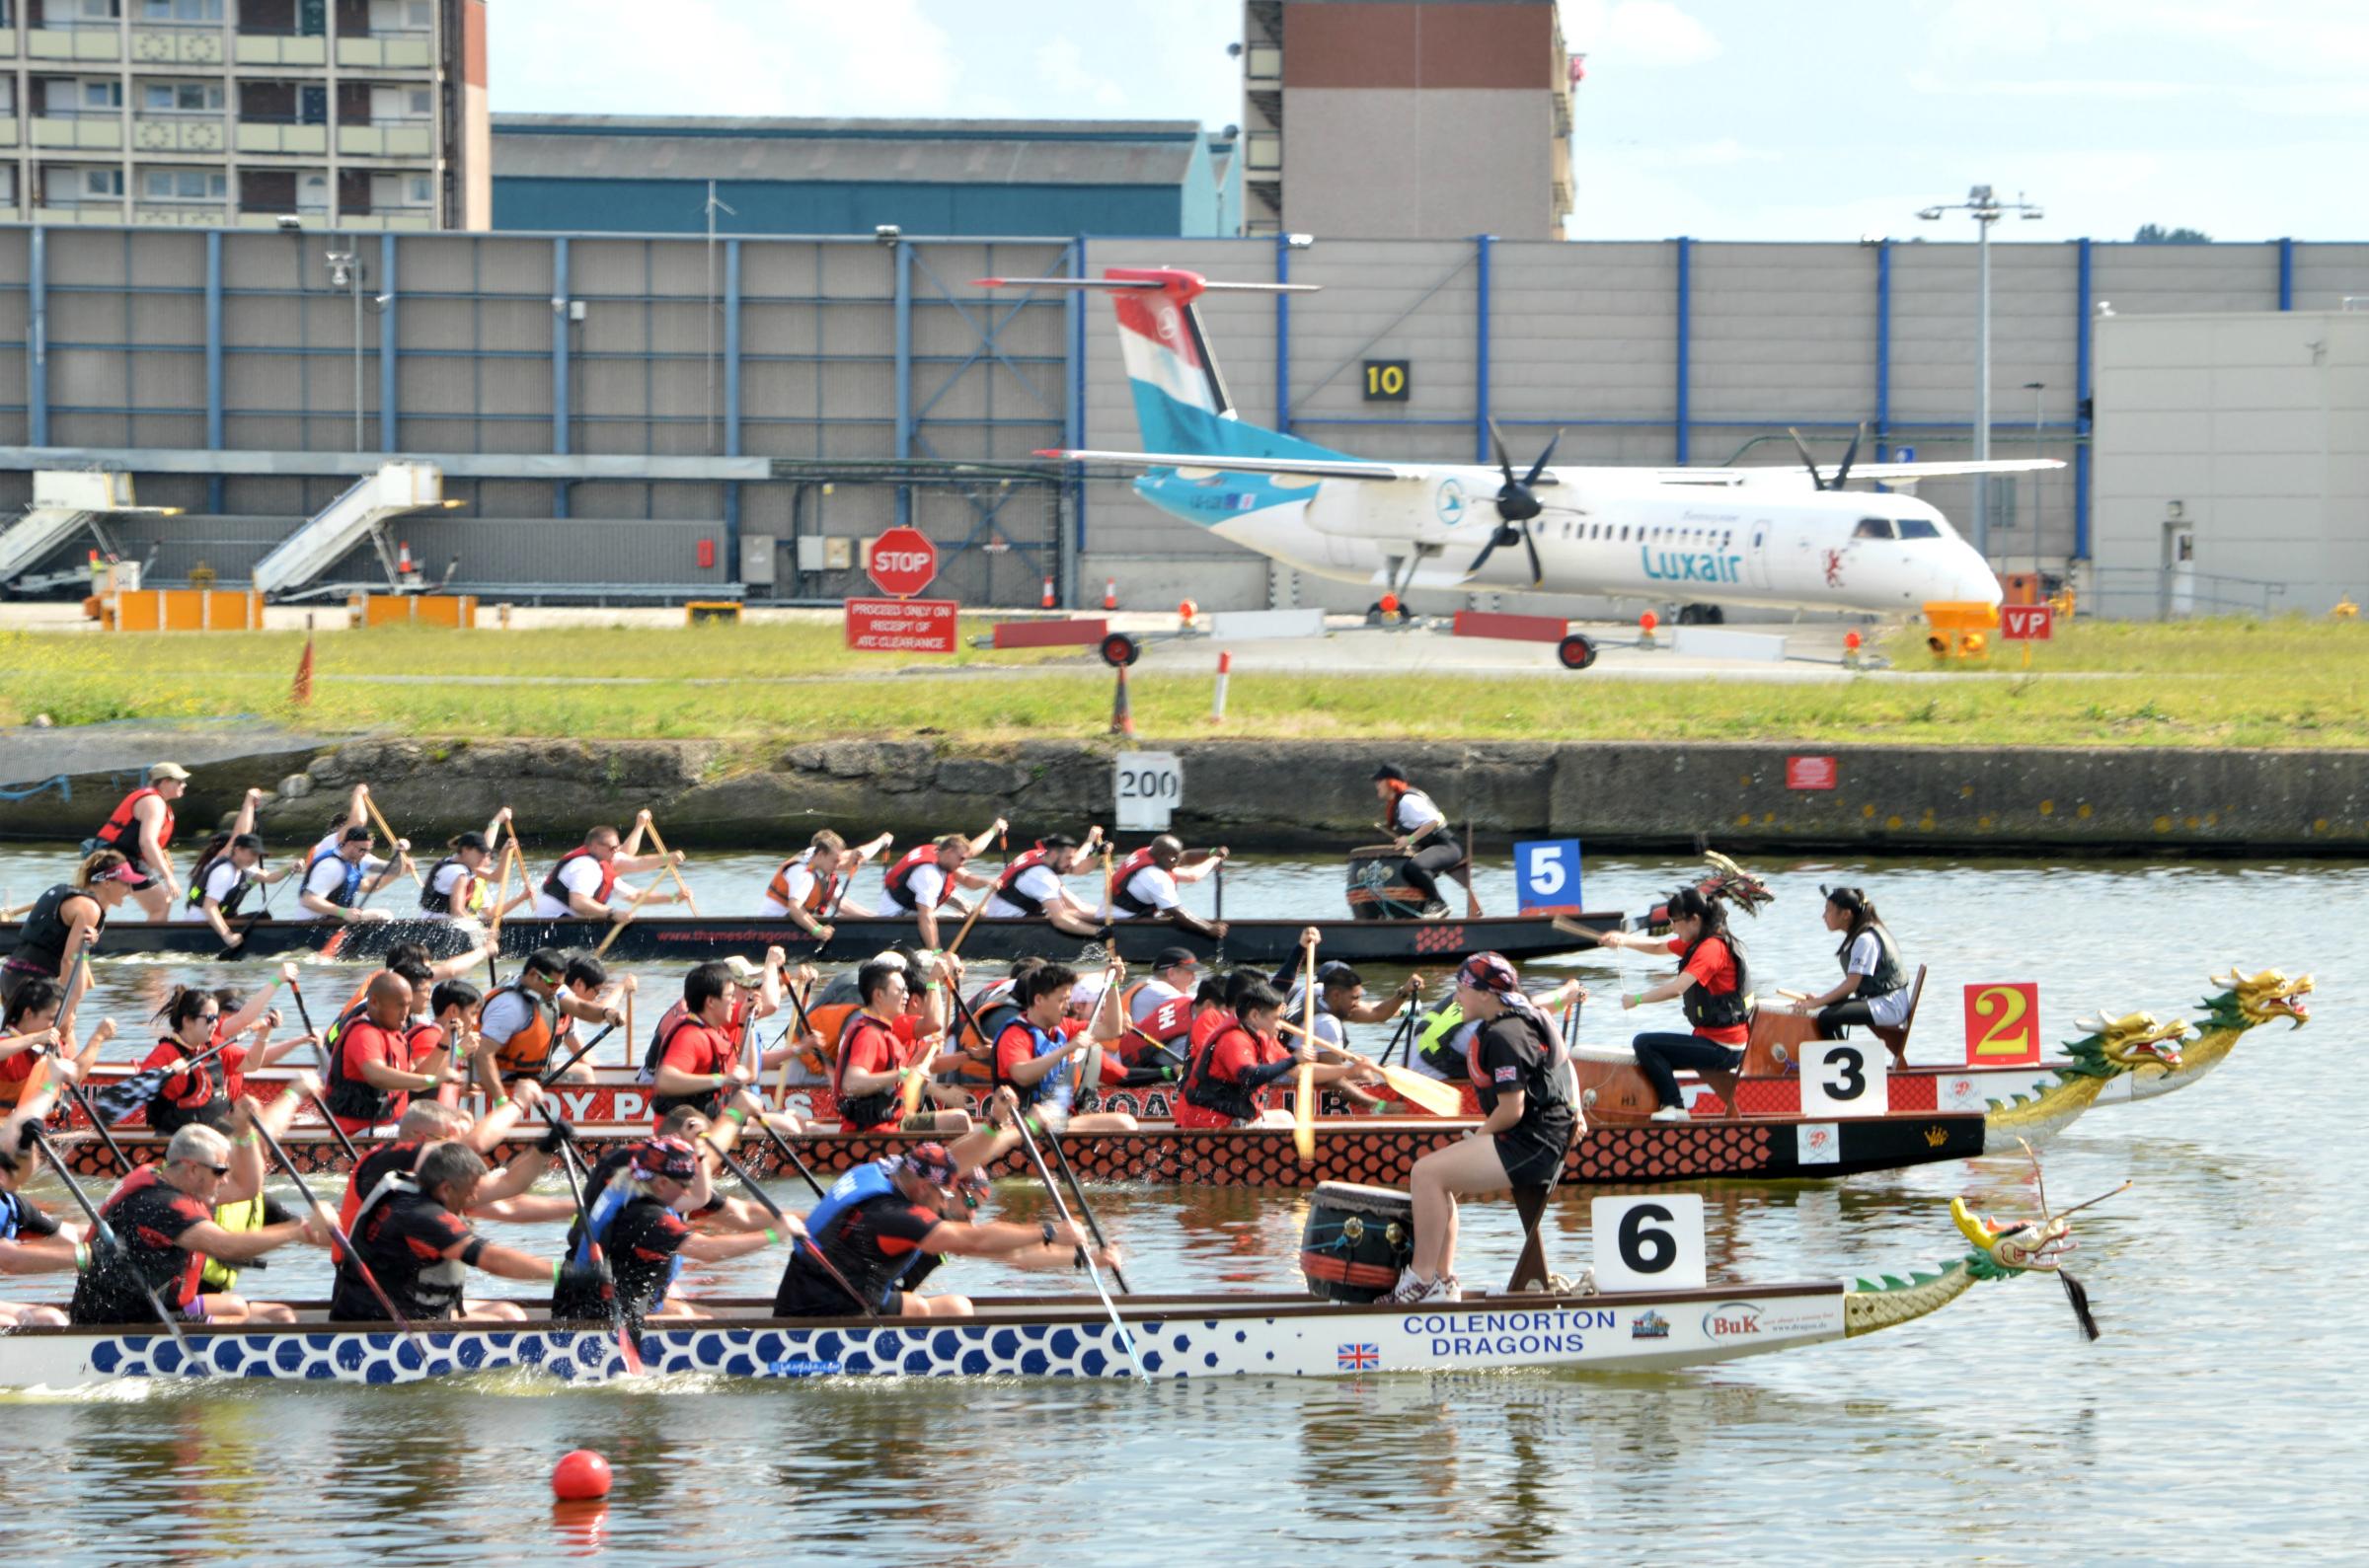 Three dragonboat teams racing at the Royal Docks